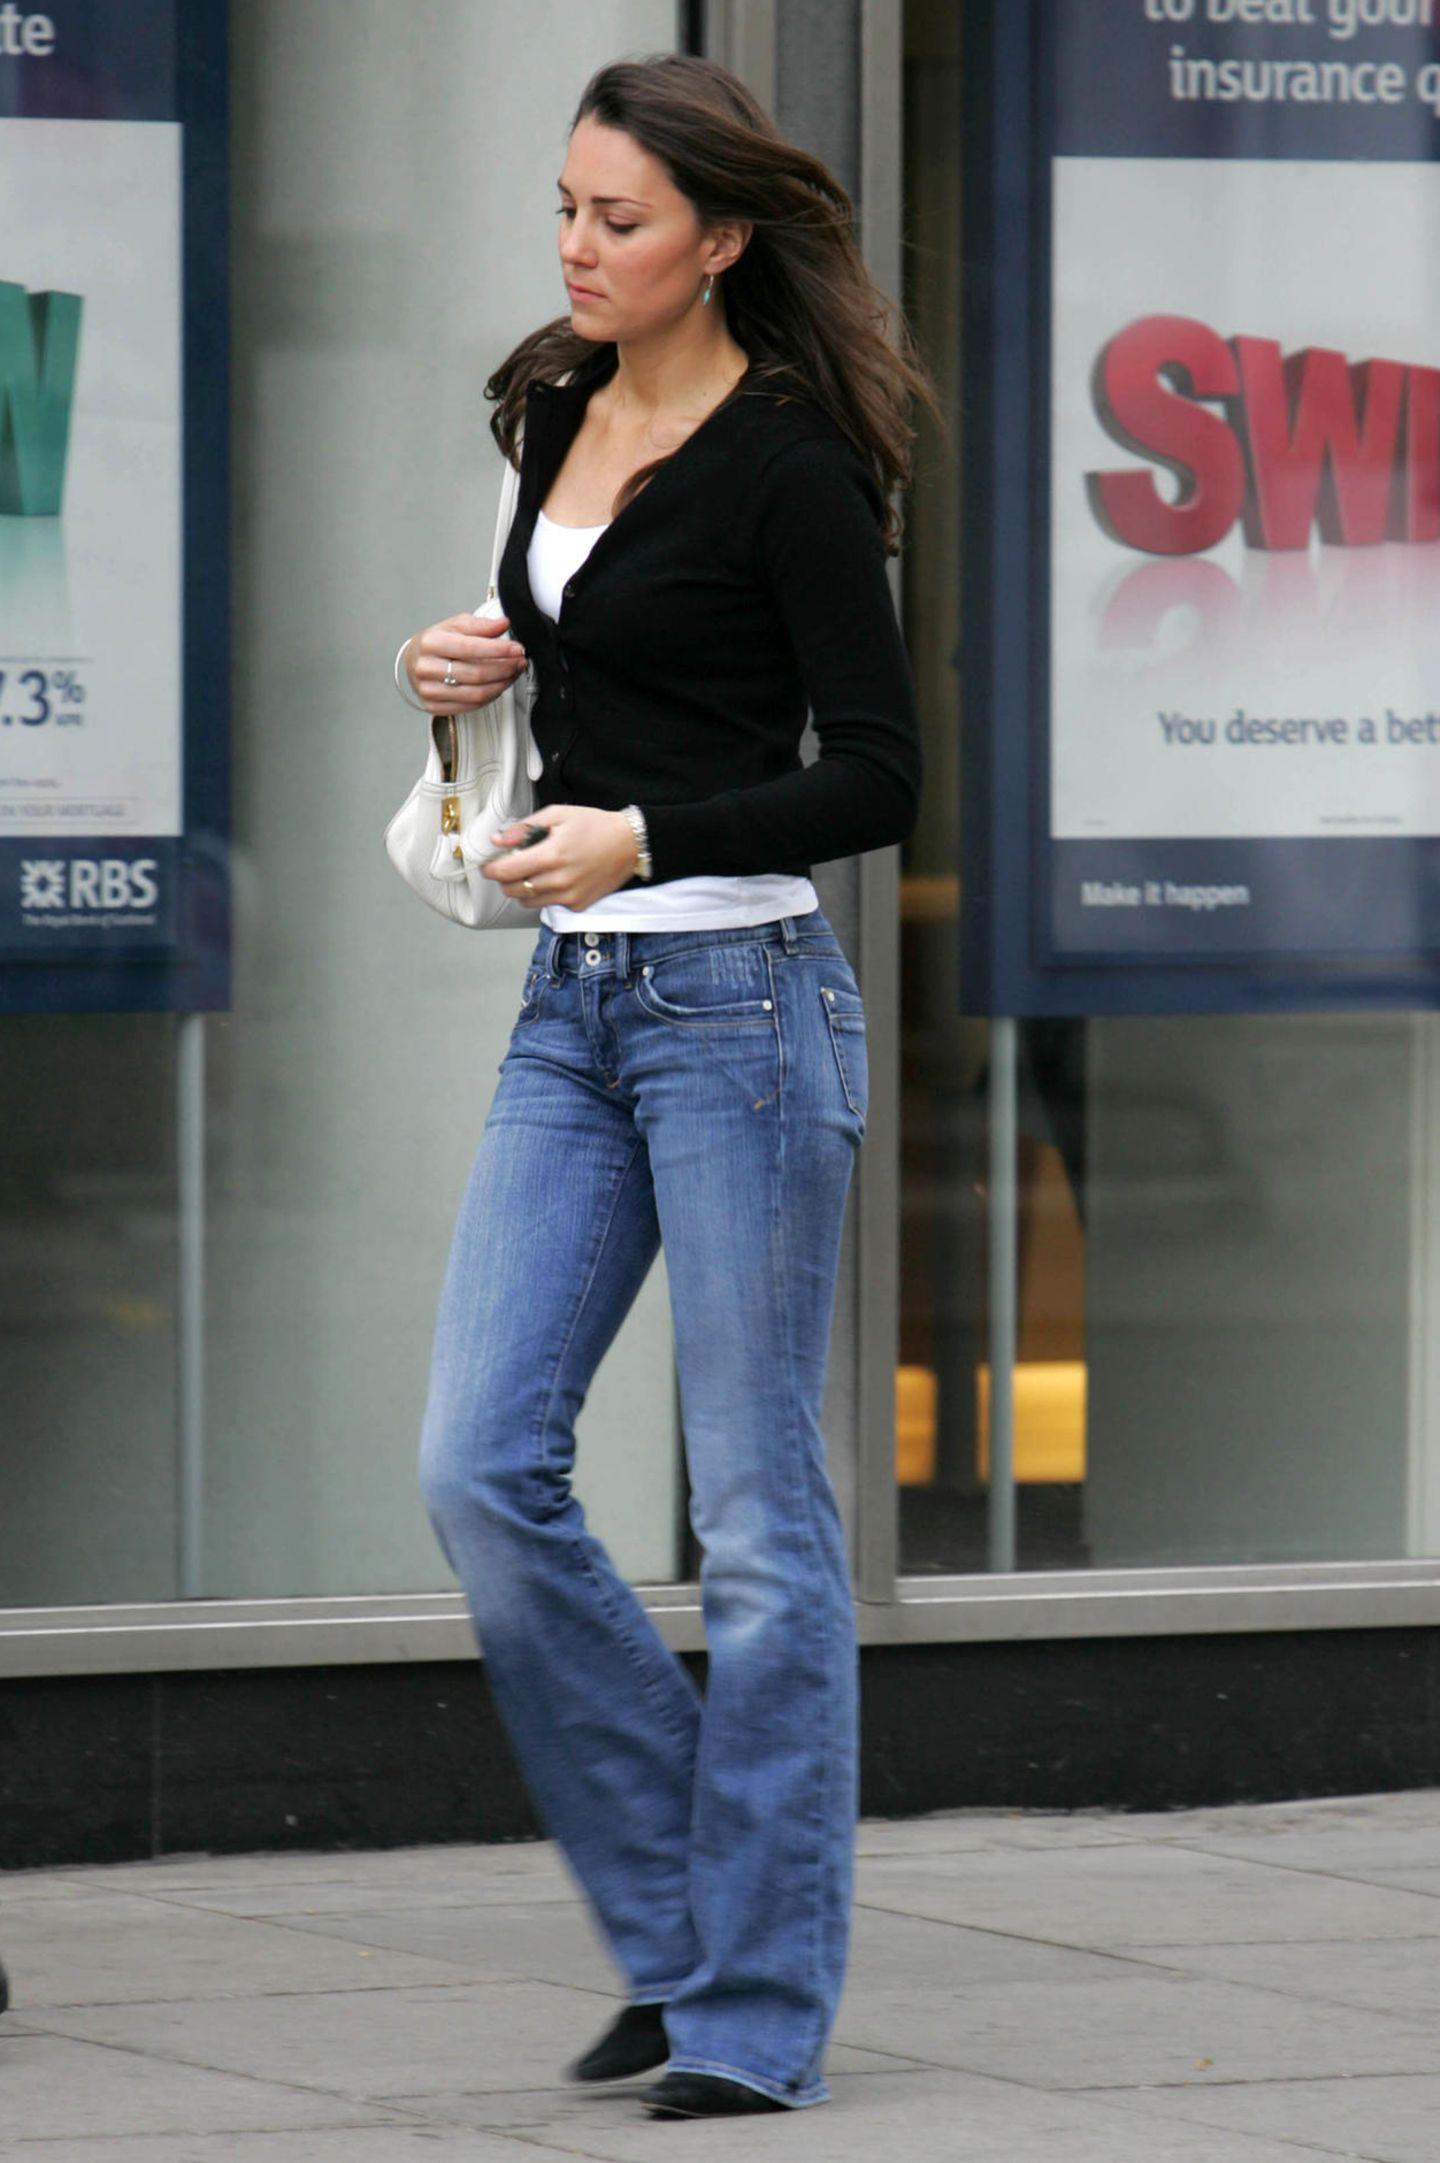 2007  Catherine spaziert durch London - super casual in Jeans, Shirt und Cardigan. Als Herzogin kann sie das wahrscheinlich so entspannt nicht mehr machen...